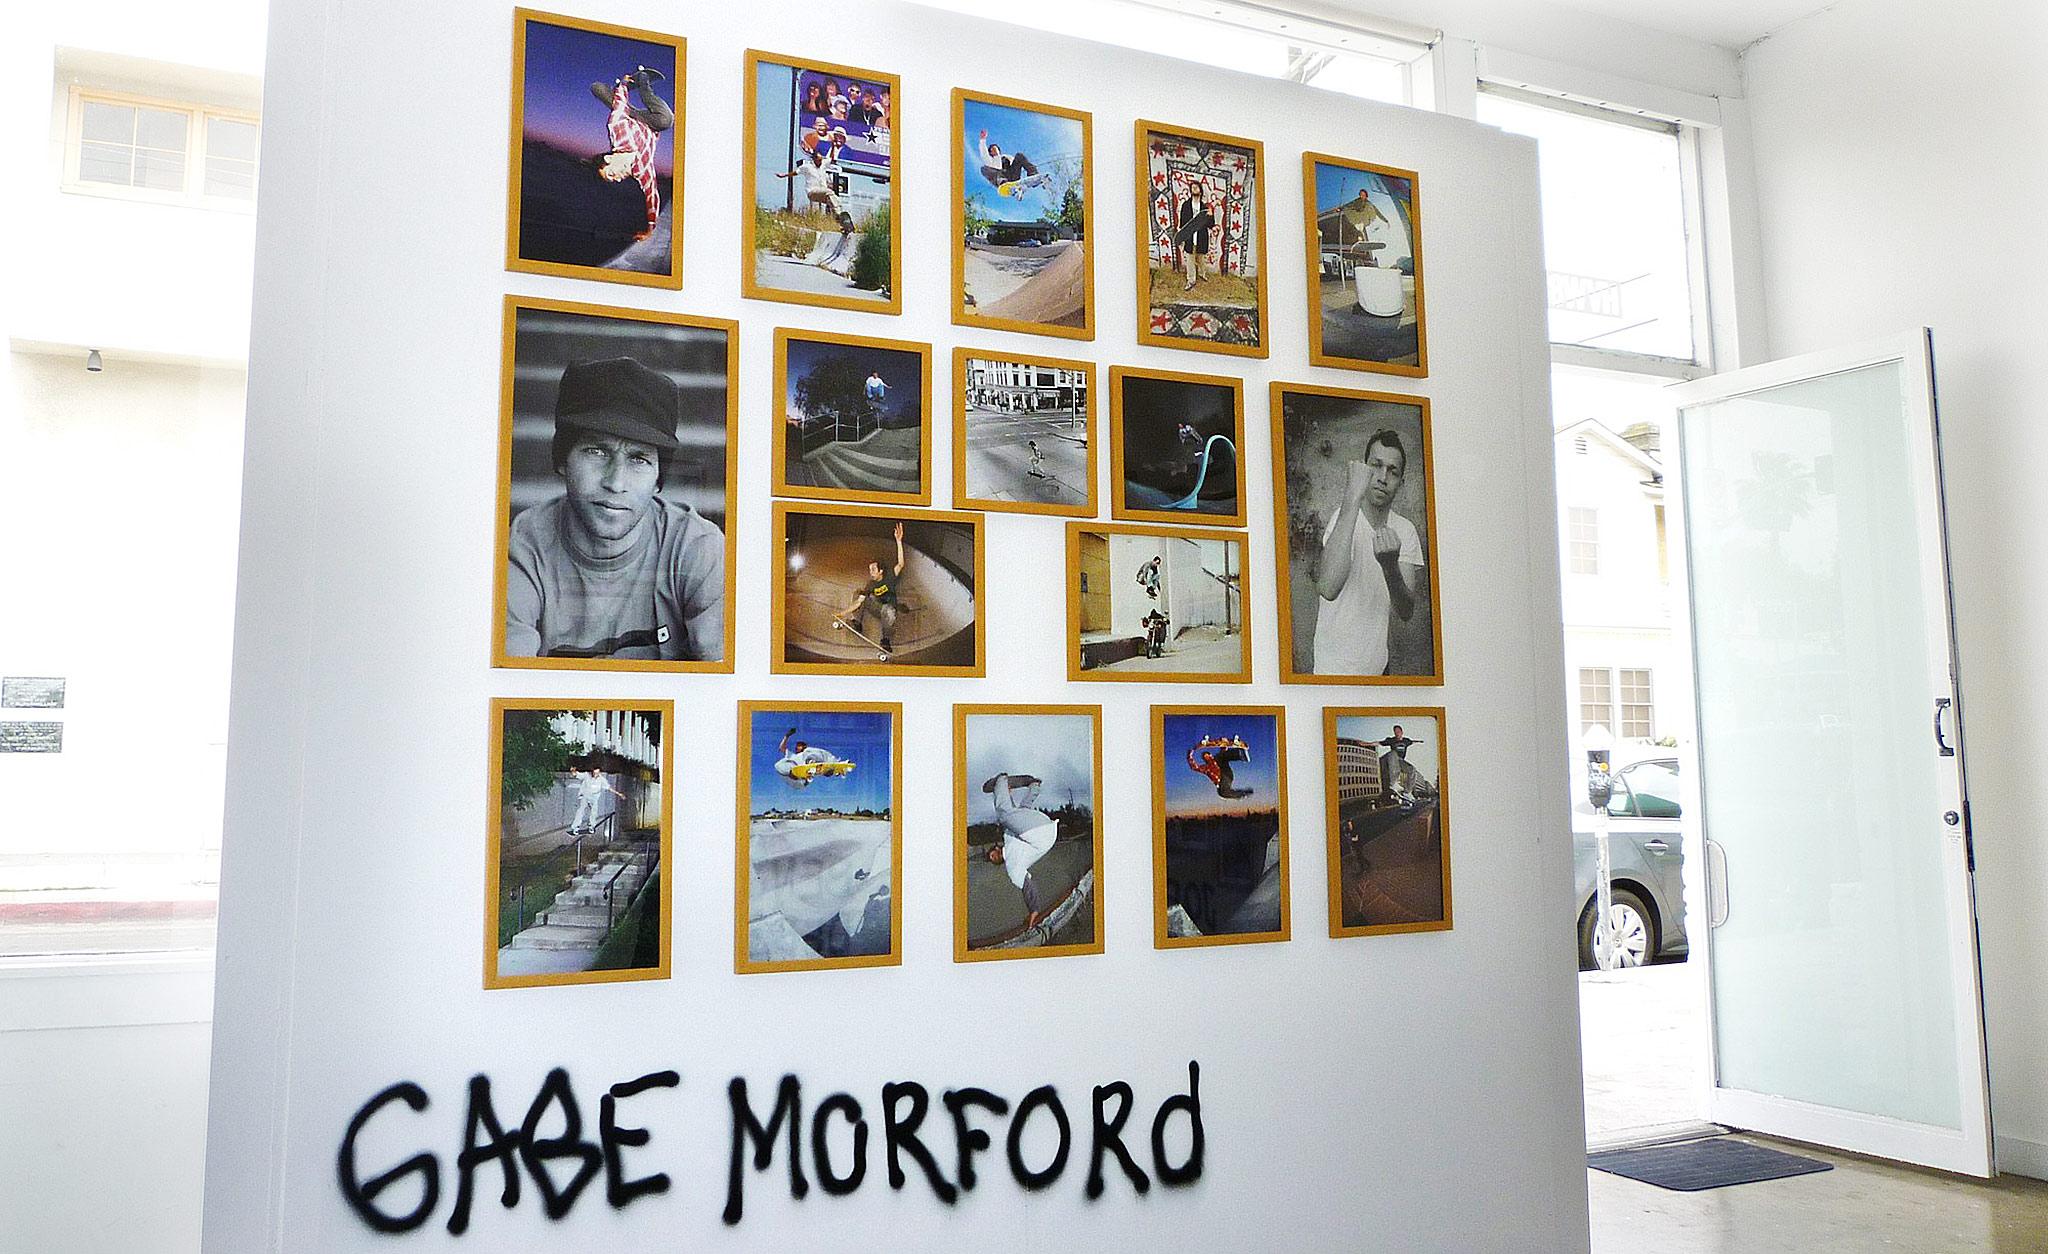 Gabe Morford